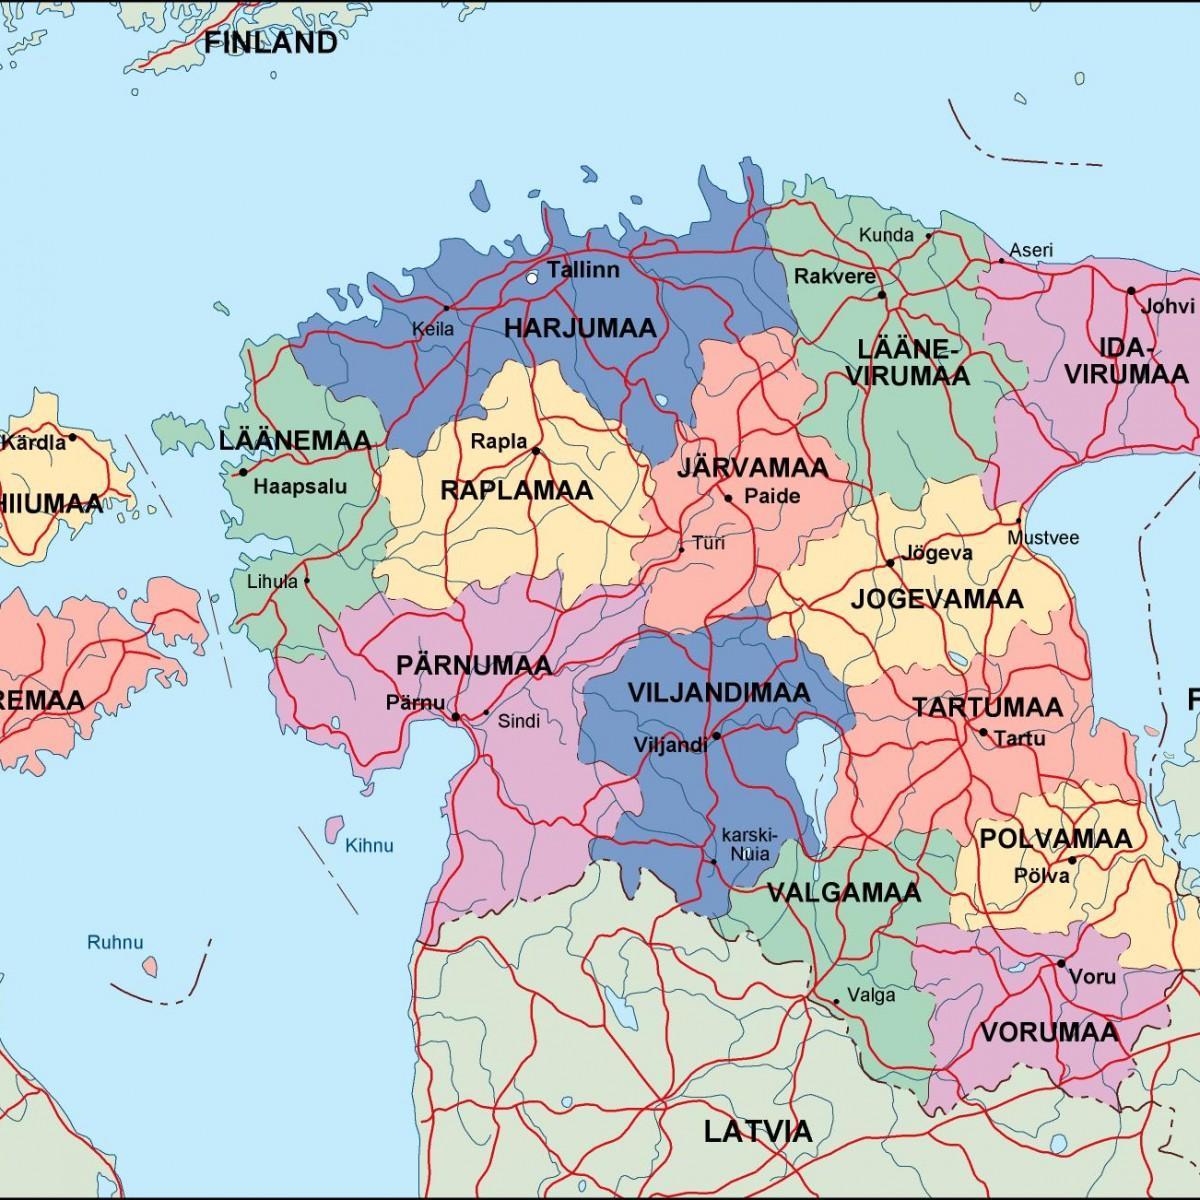 Estonia Politike Harta Harta E Estoni Politike Veriore Evrope